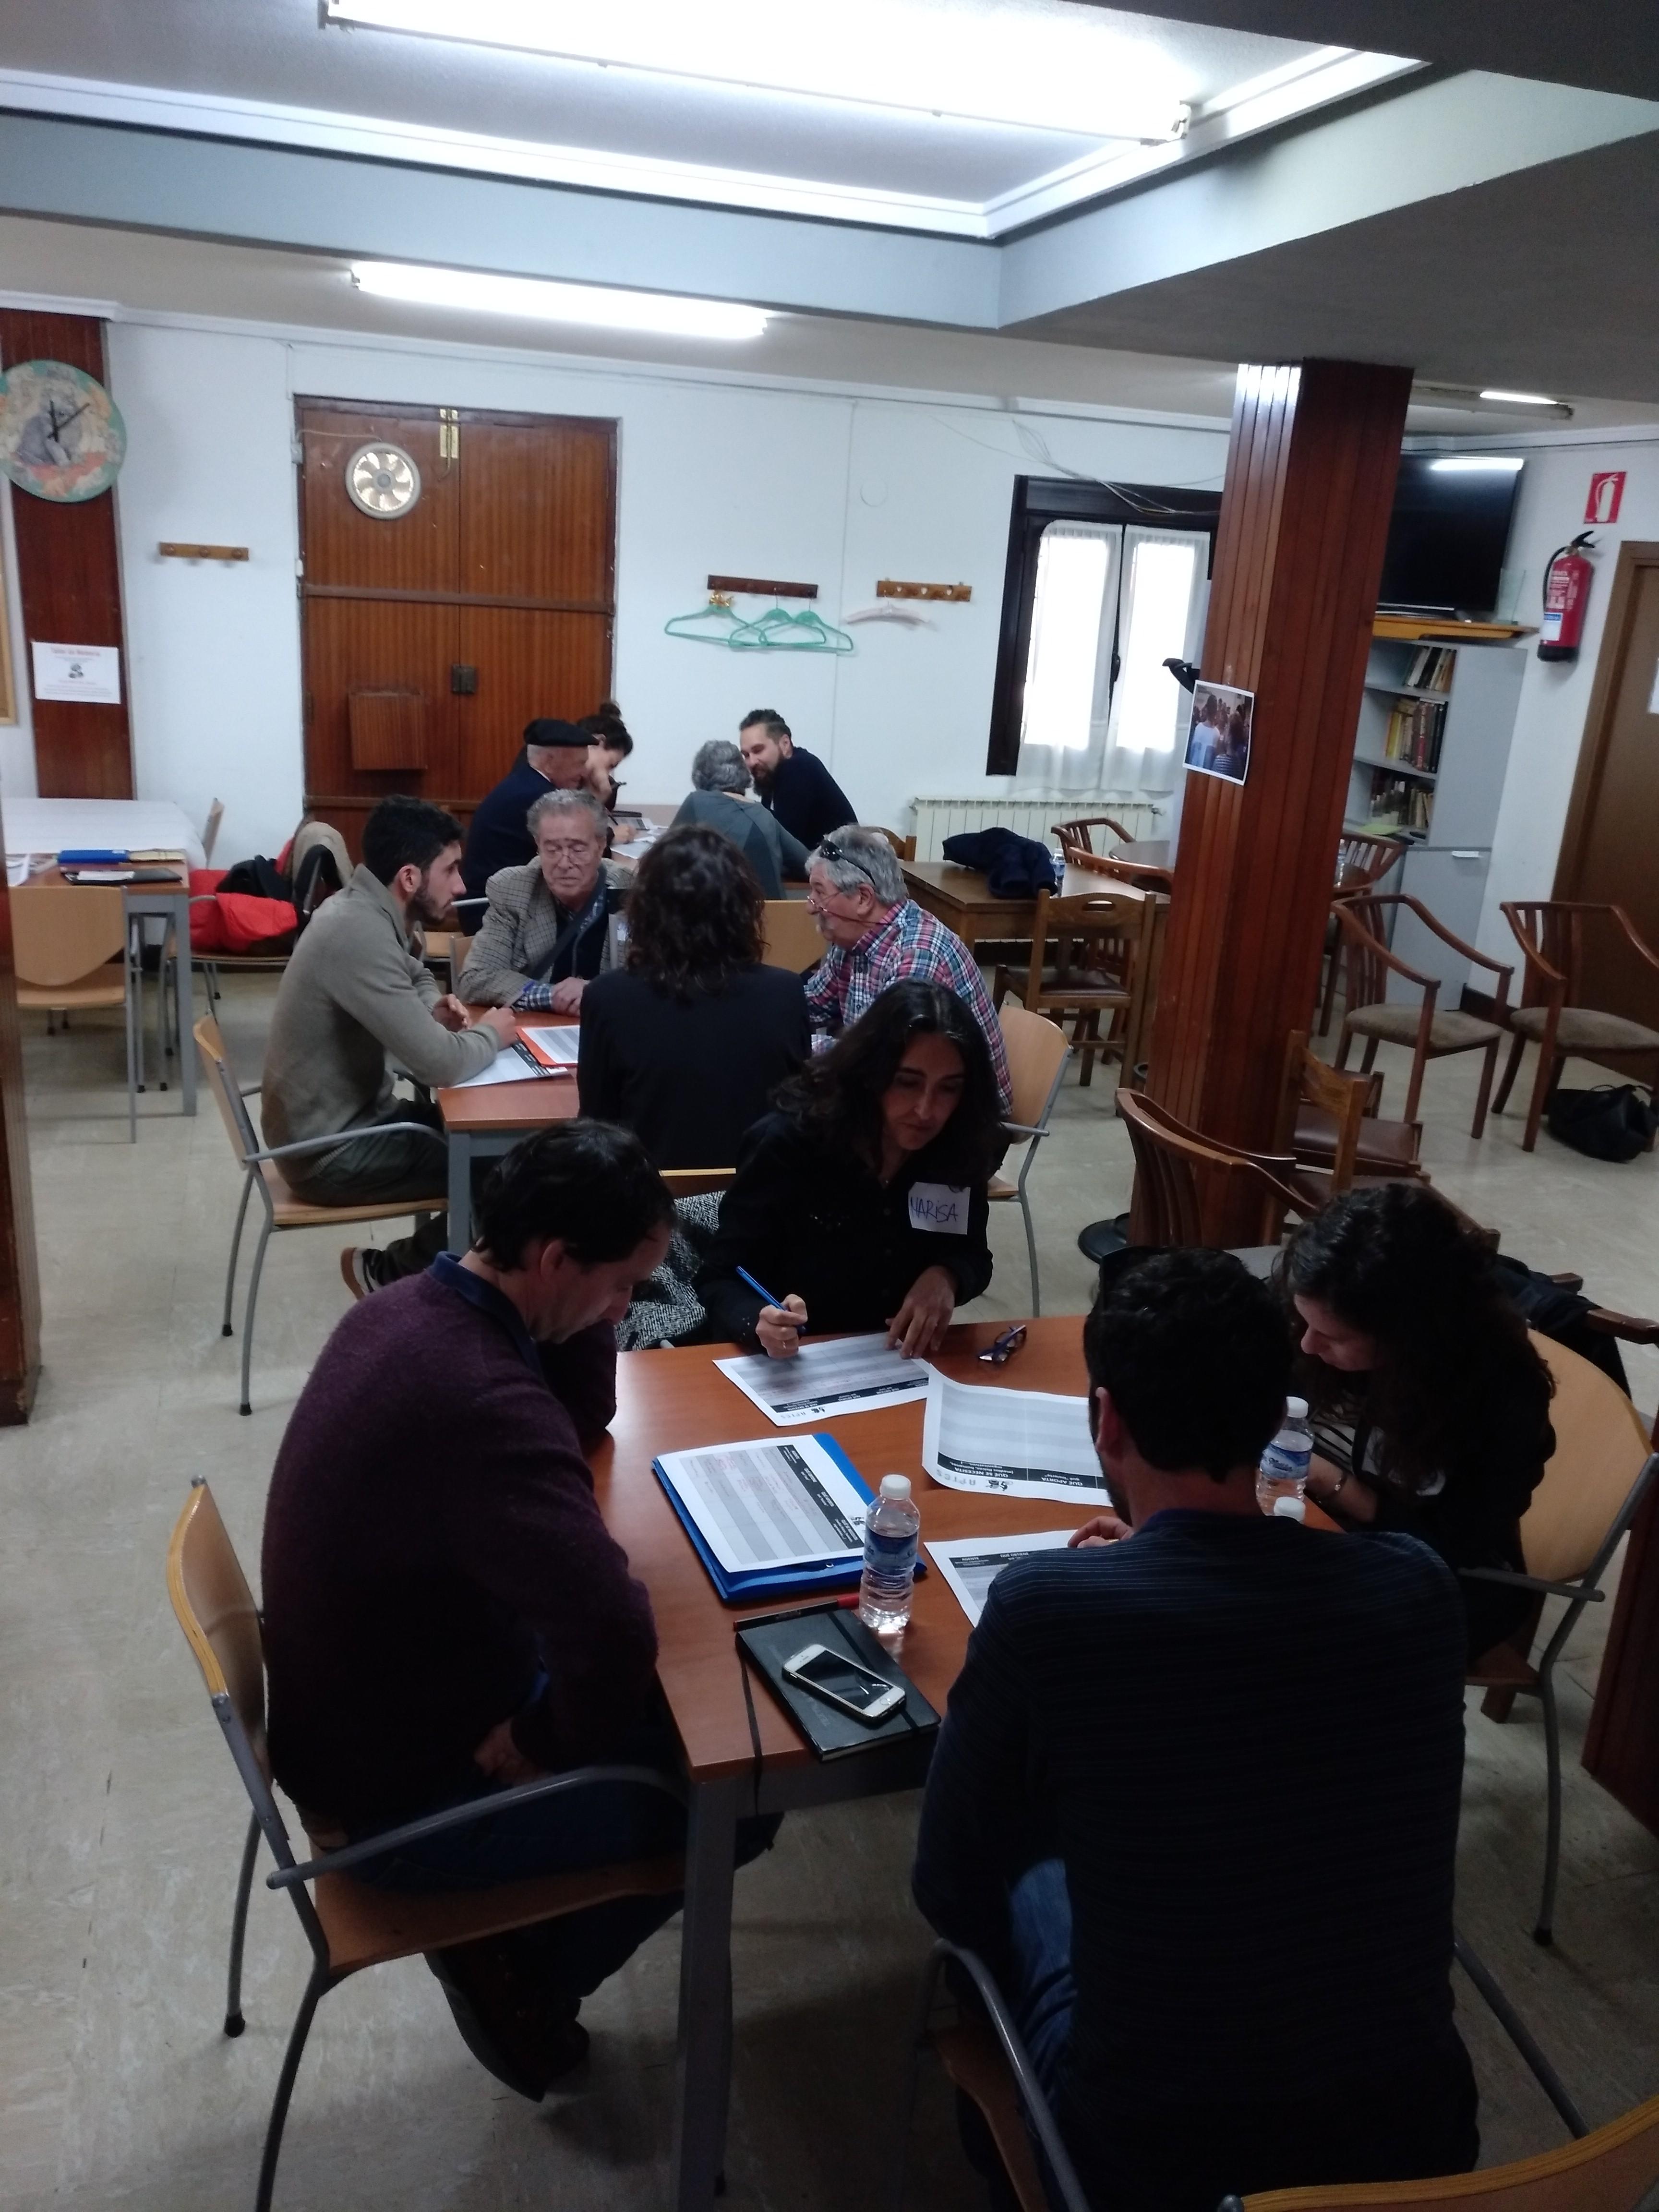 Trabajando en una herramienta a medida para medir el avance de CWA Donostia